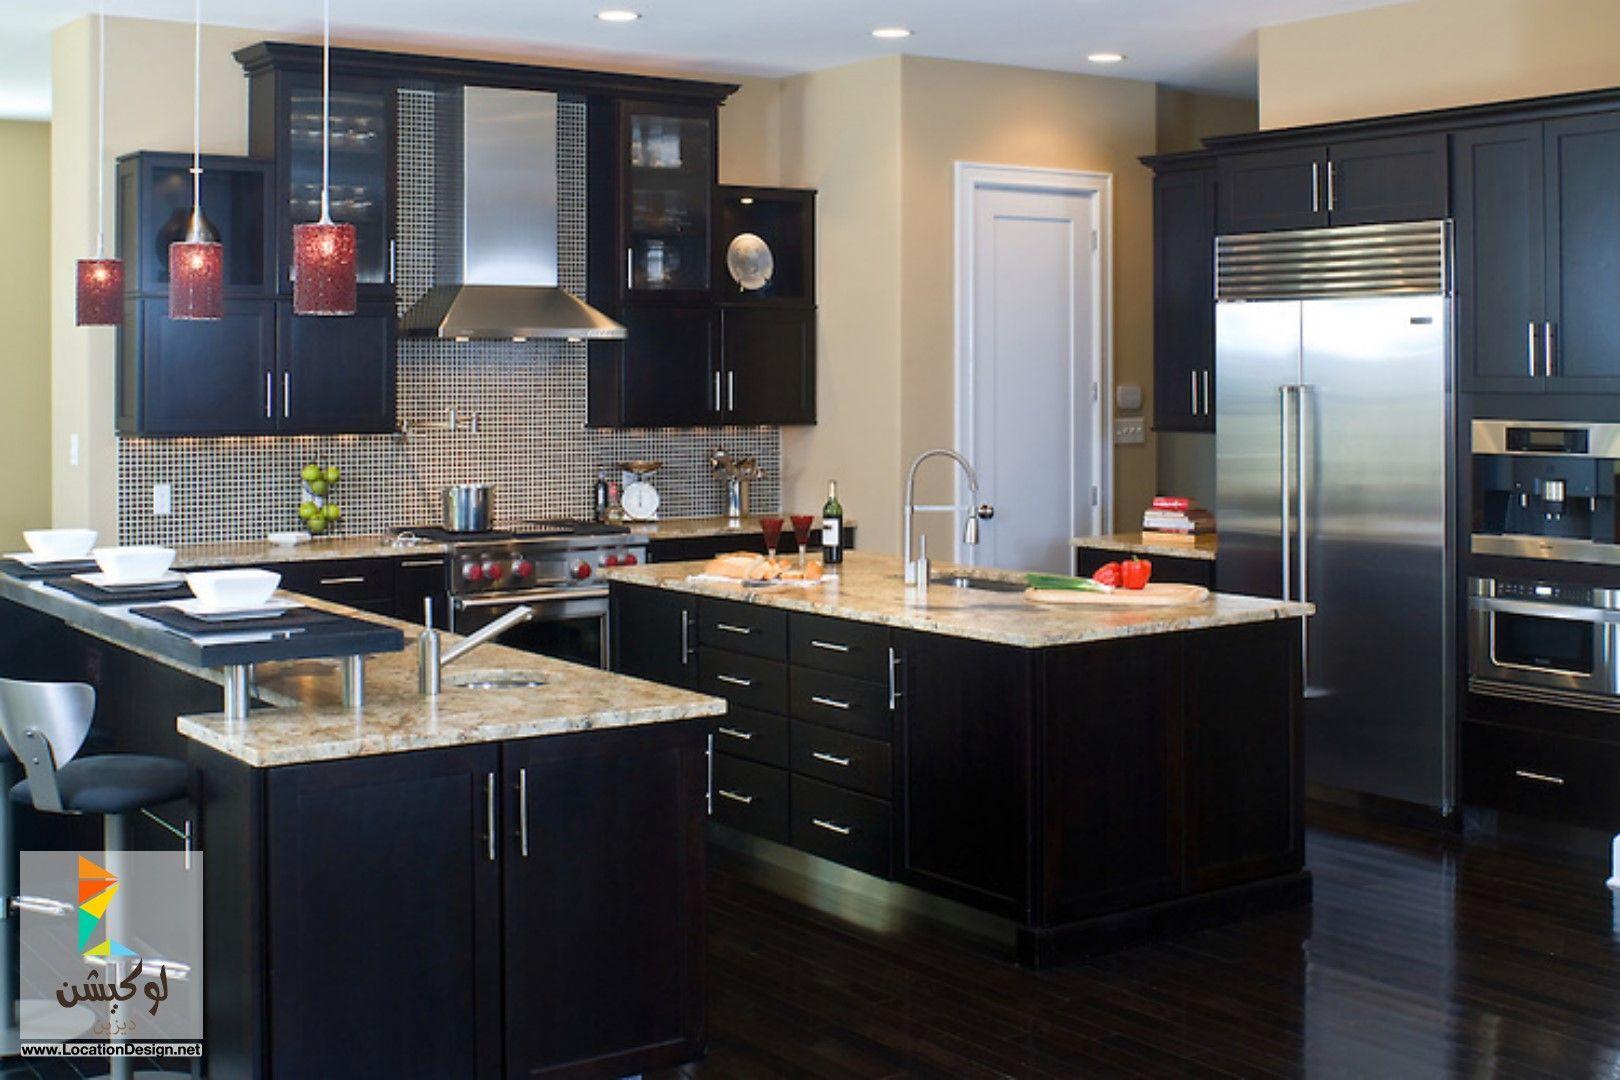 مطابخ صغيرة خشمونيوم Cheap Kitchen Cabinets Kitchen Cupboard